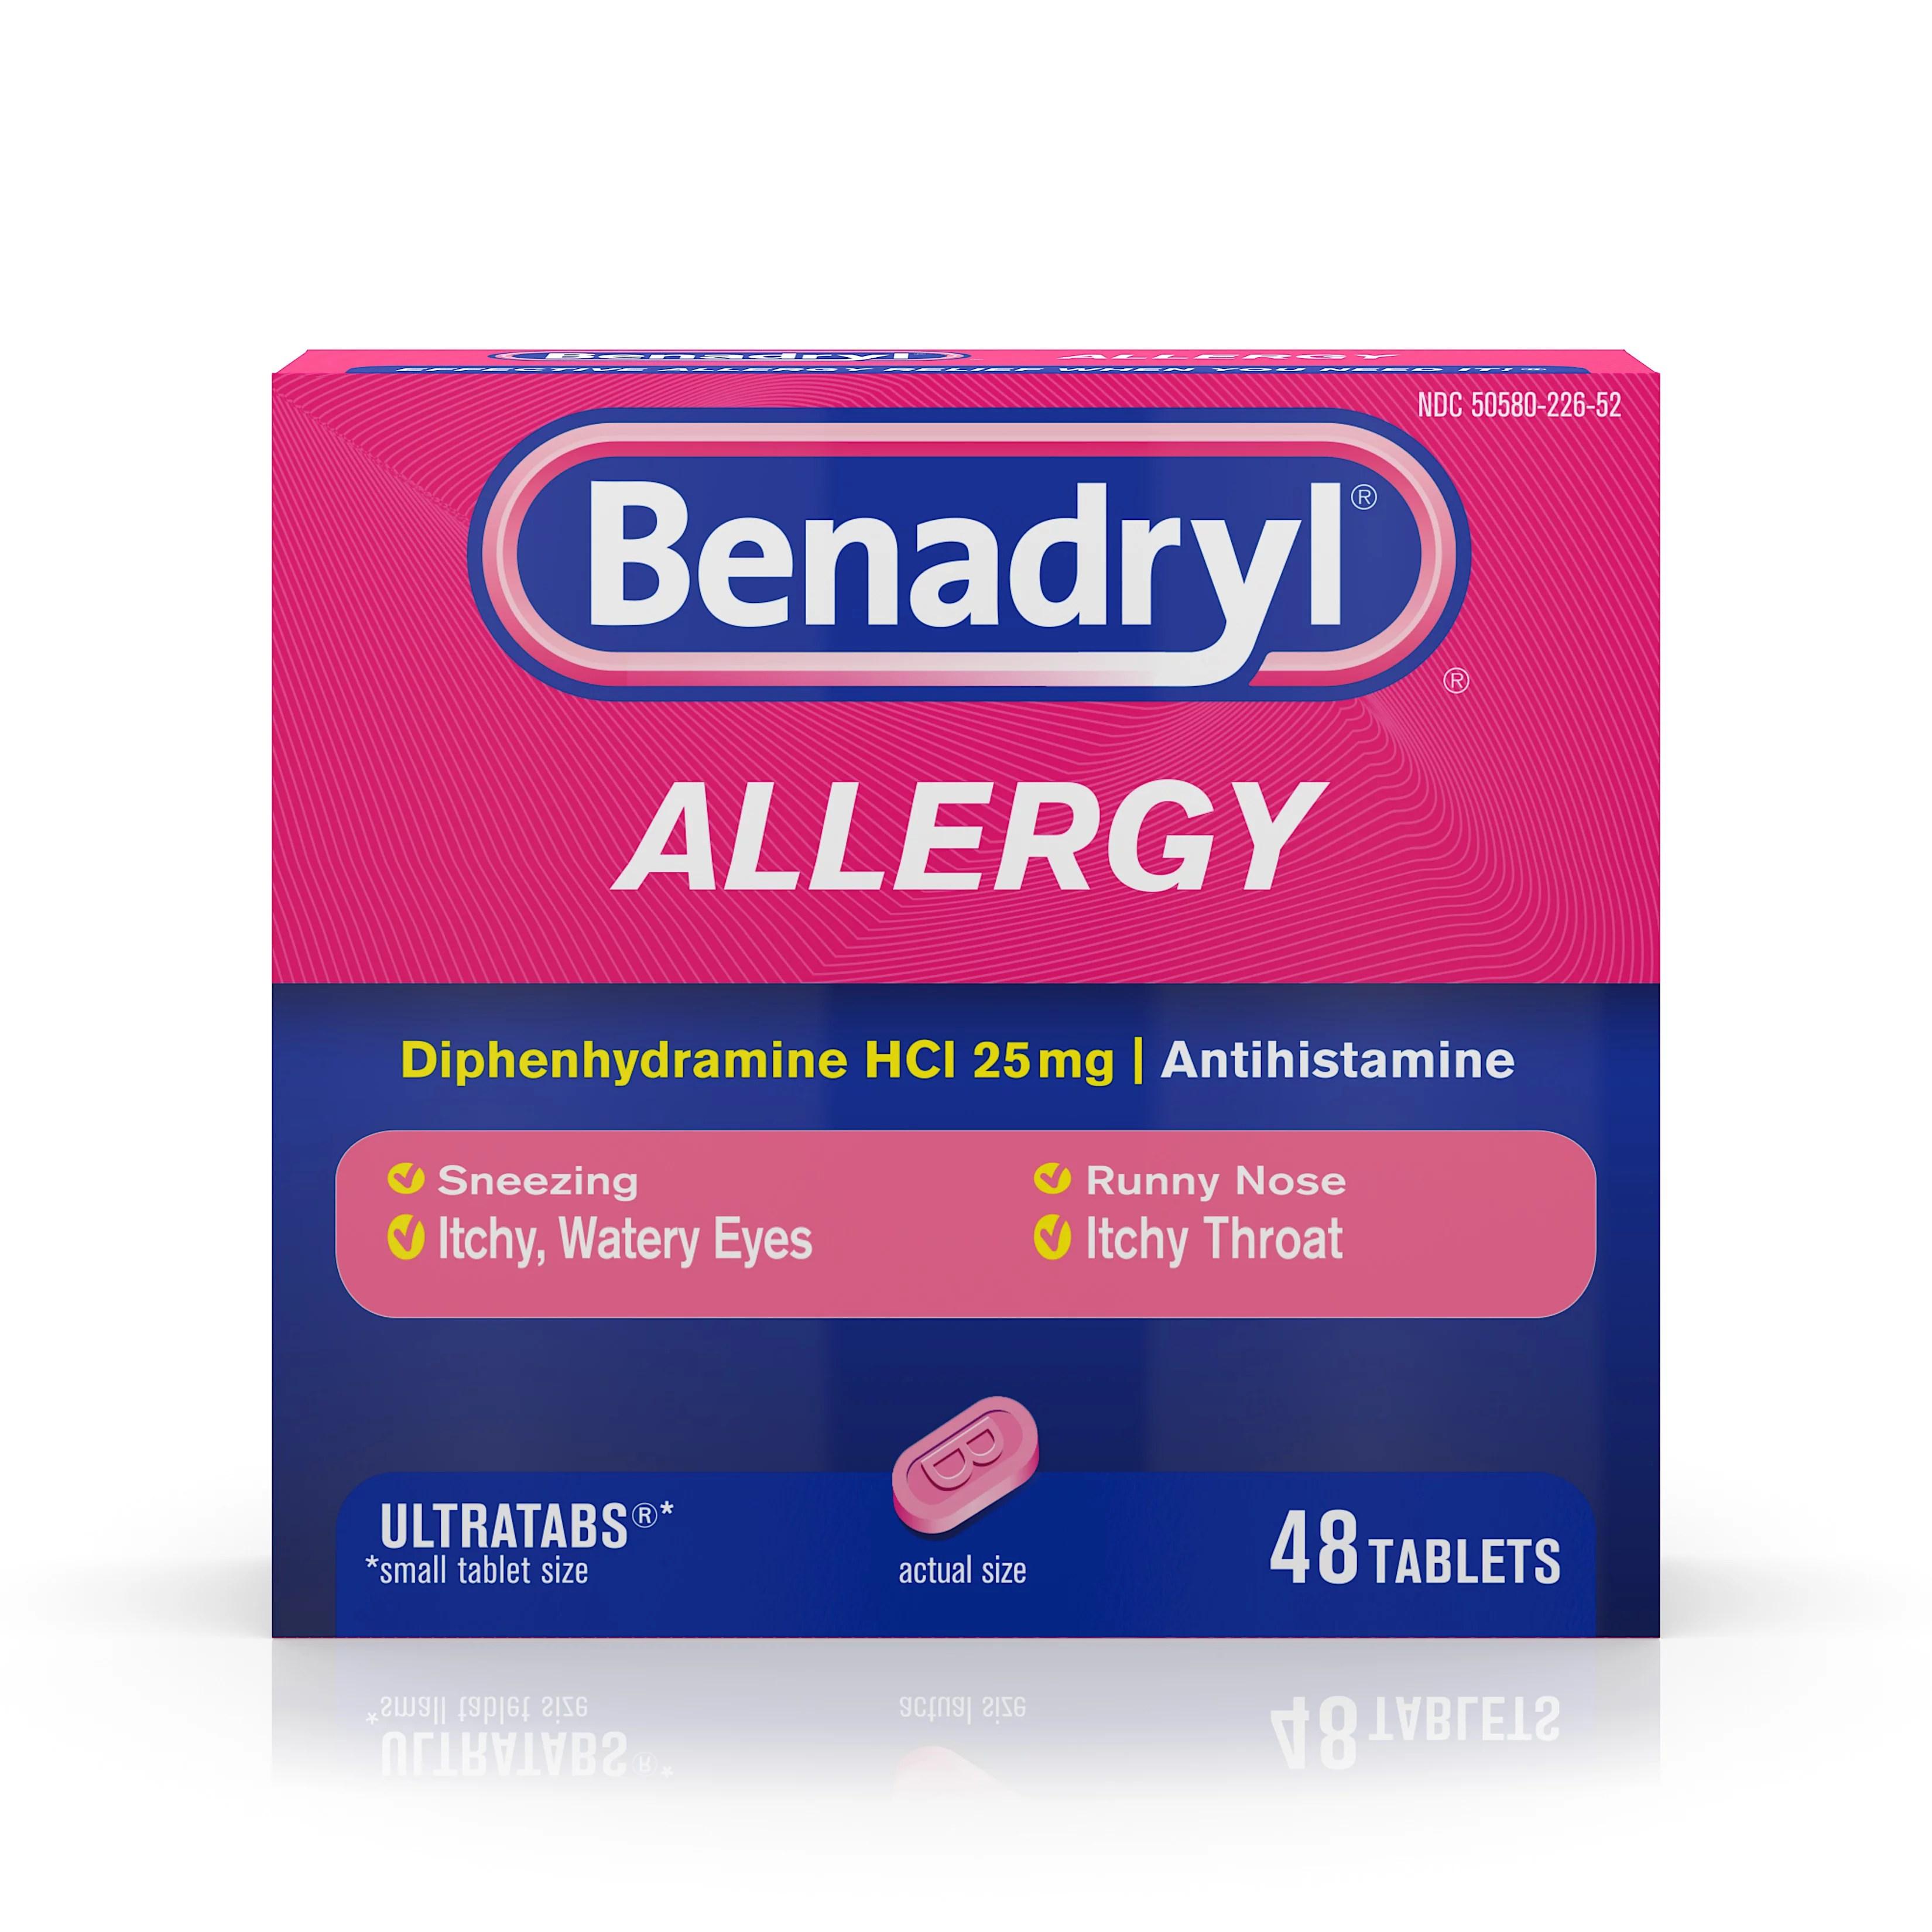 Benadryl Ultratabs Antihistamine Allergy Medicine Tablets ...